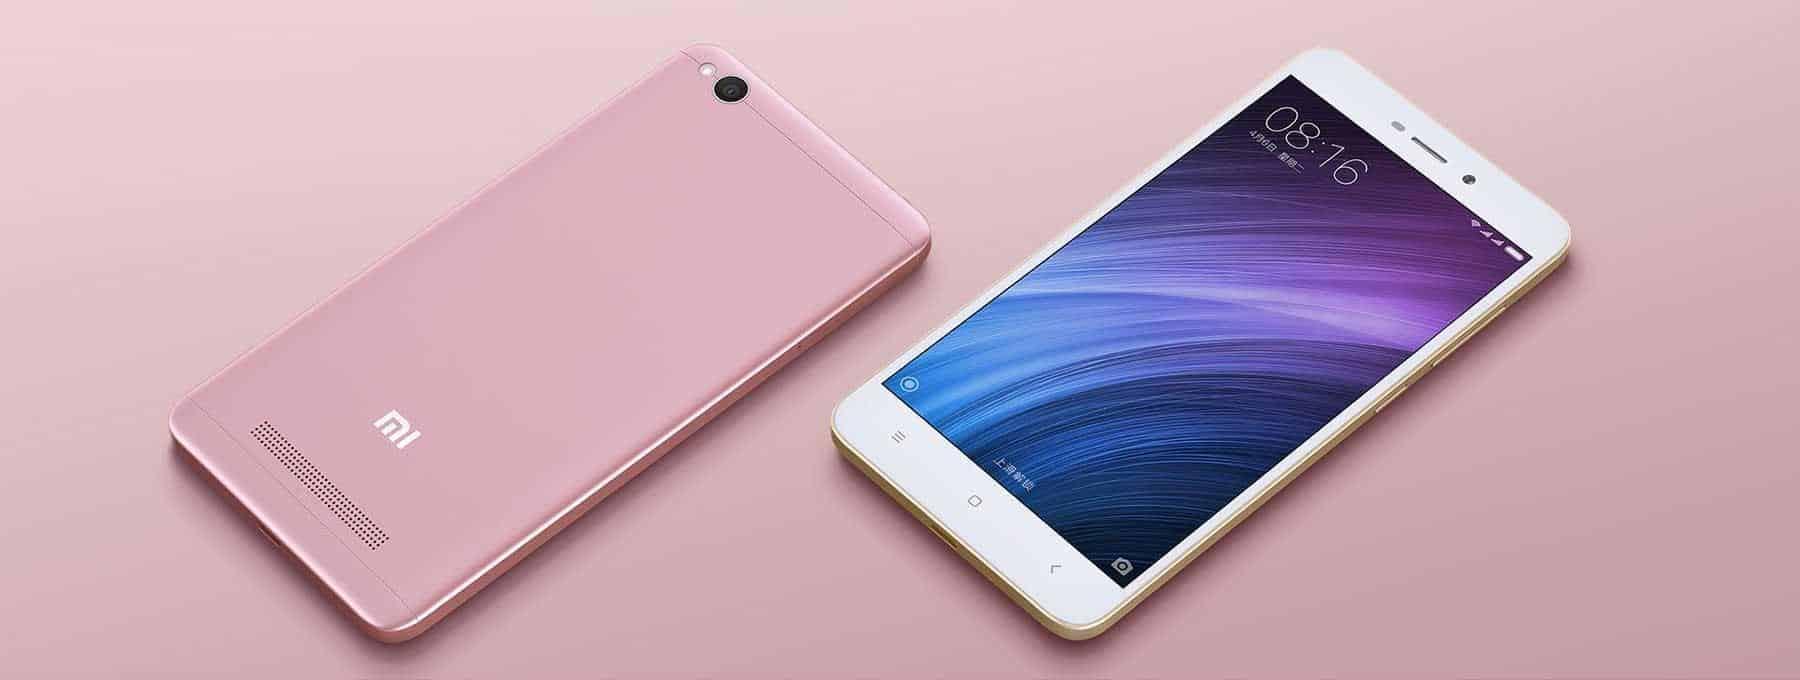 Xiaomi Redmi 4A GB 05